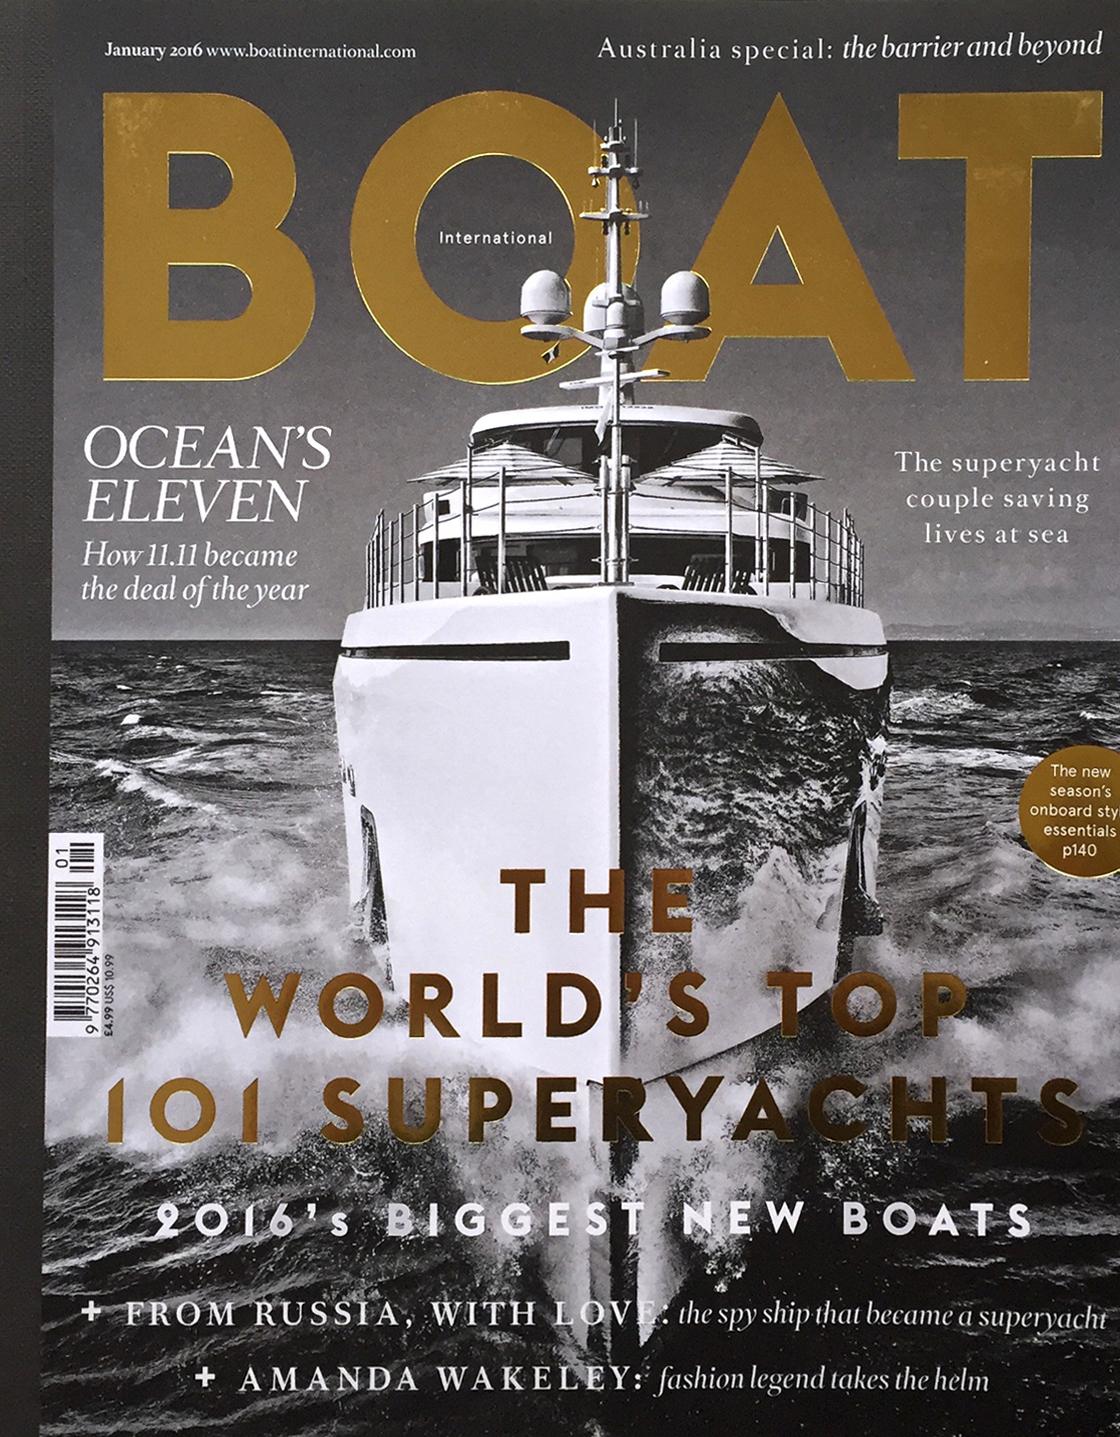 Boat Jan Cover2016.jpg